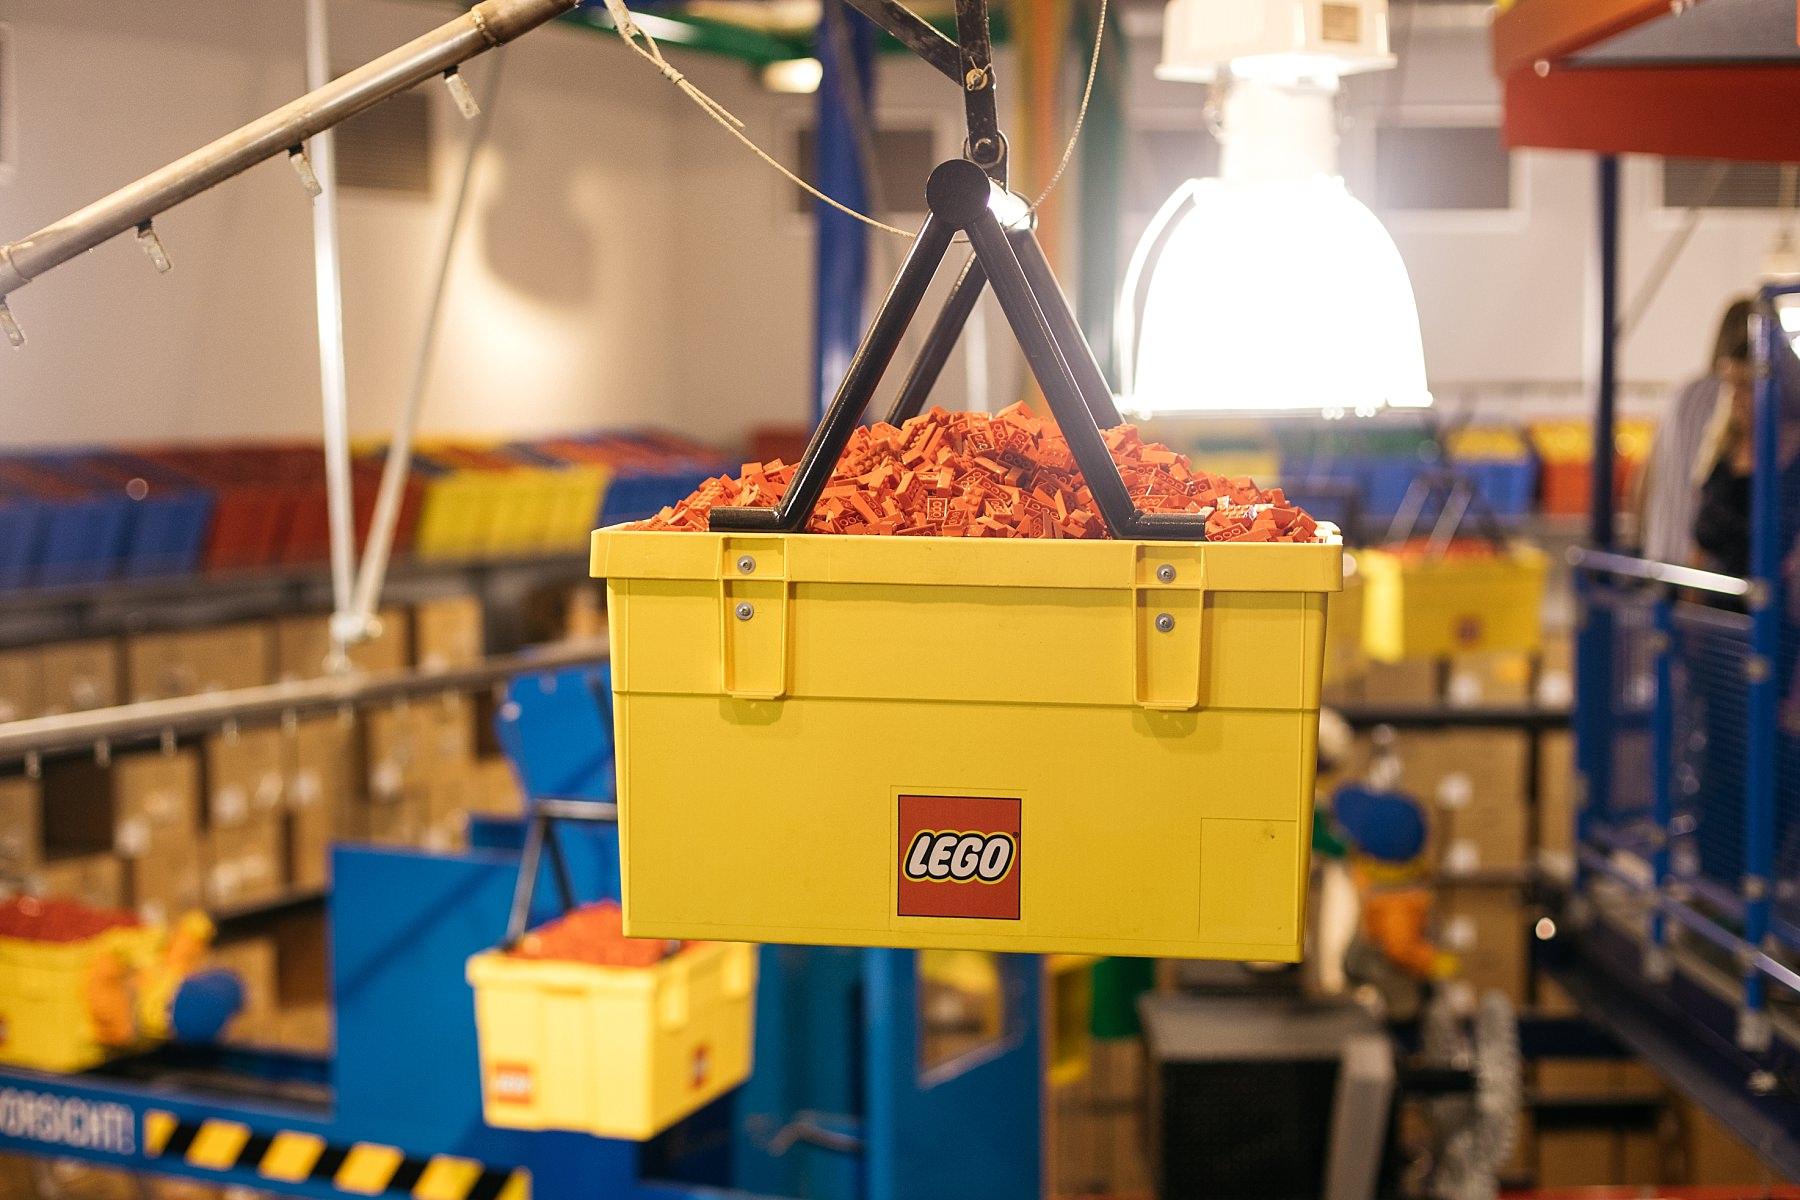 Legoland - 57 millions de briques Lego 42